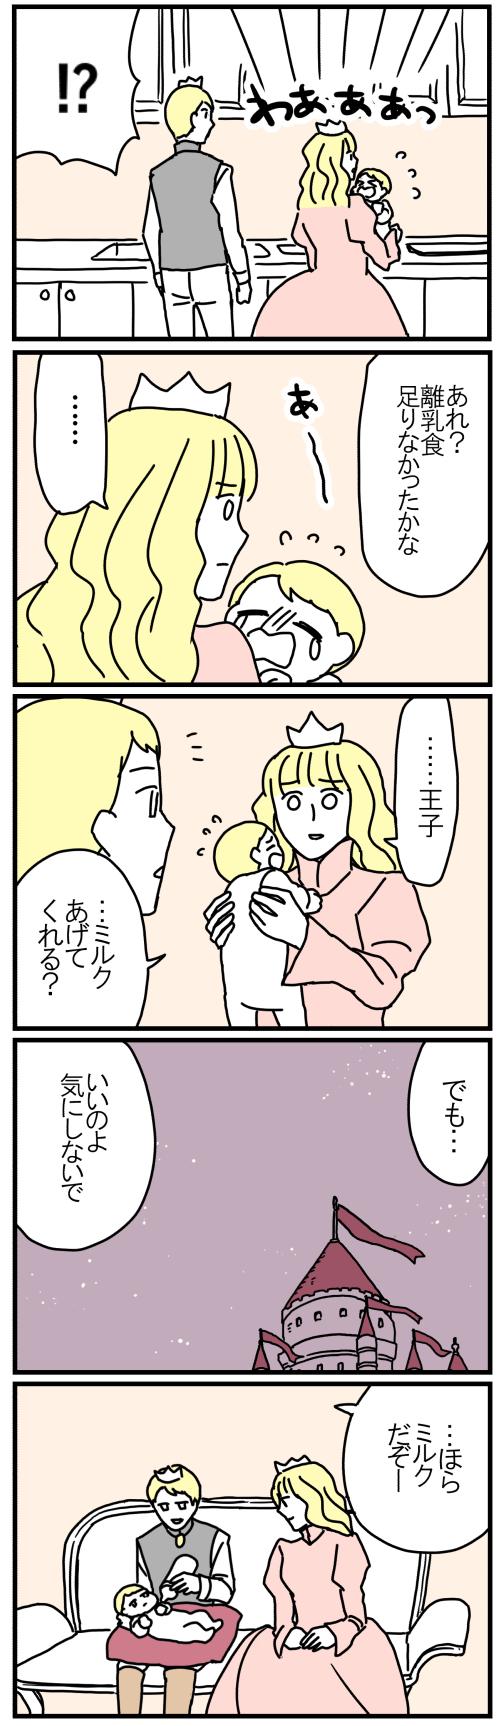 王子が気づかせてくれたこと / ママはねむり姫 第6話の画像2